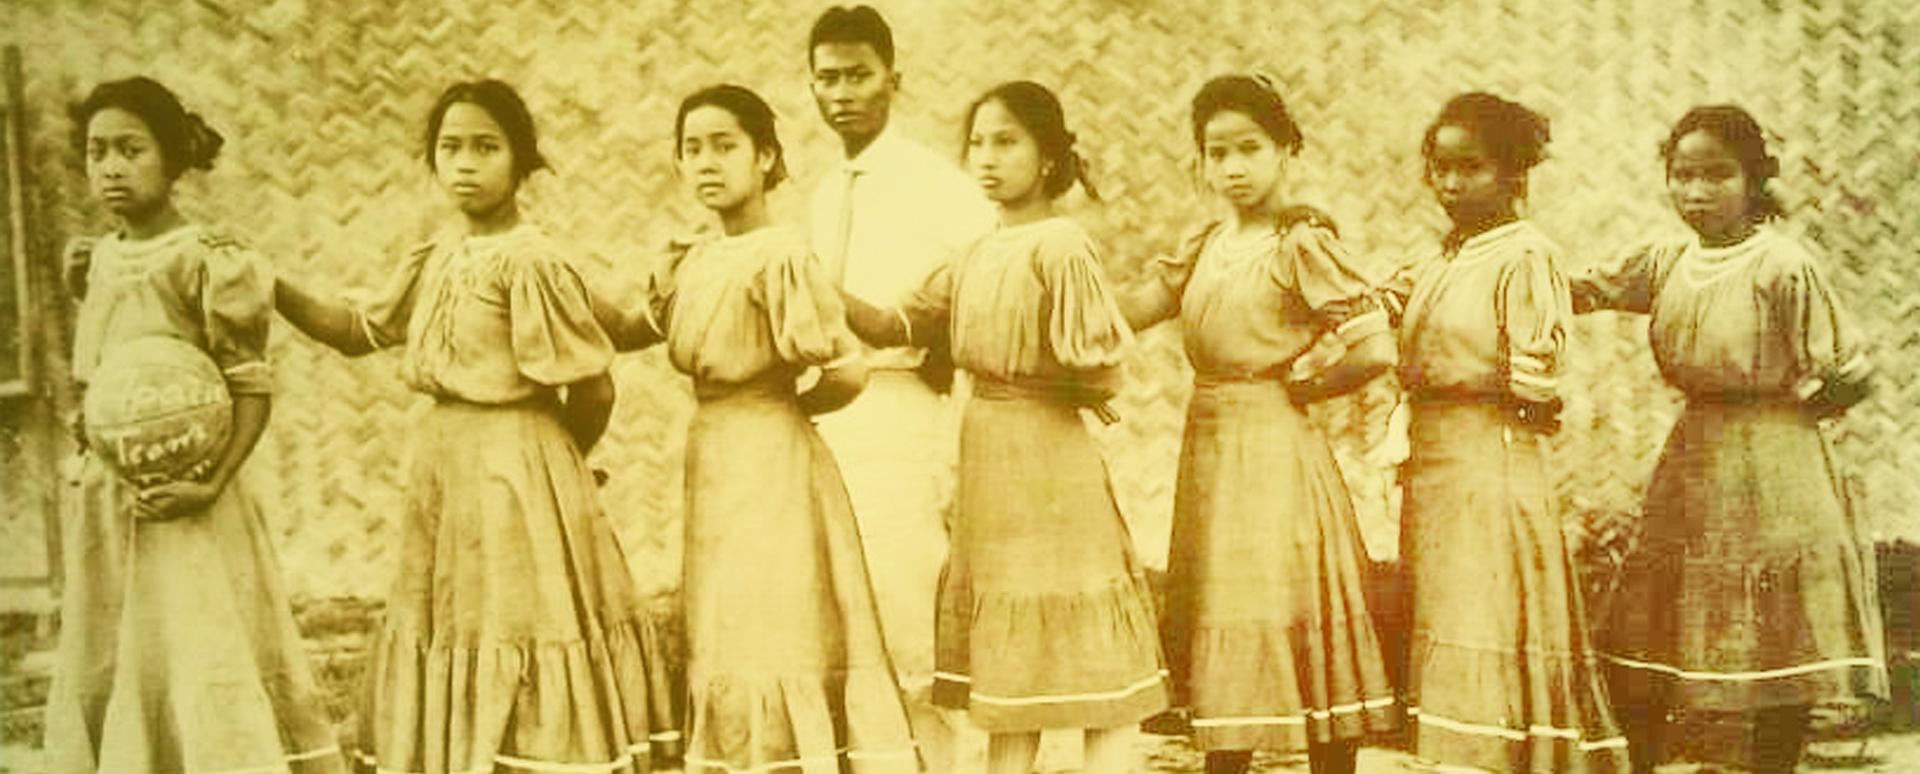 Warriors-Filipina-Basketball-Bayani-art